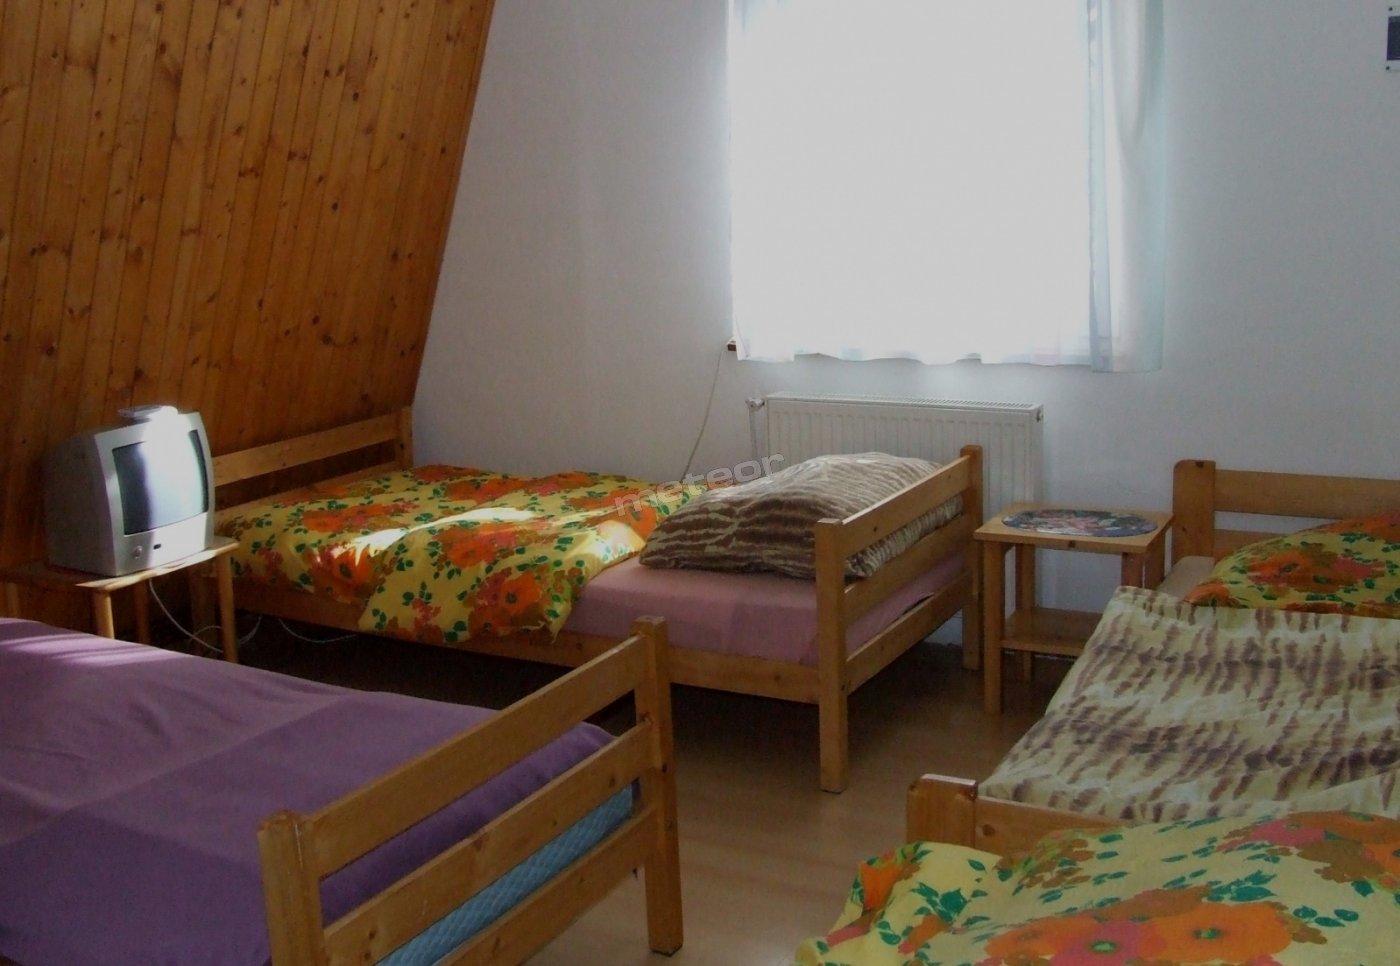 3-osobowy pokój na poddaszu